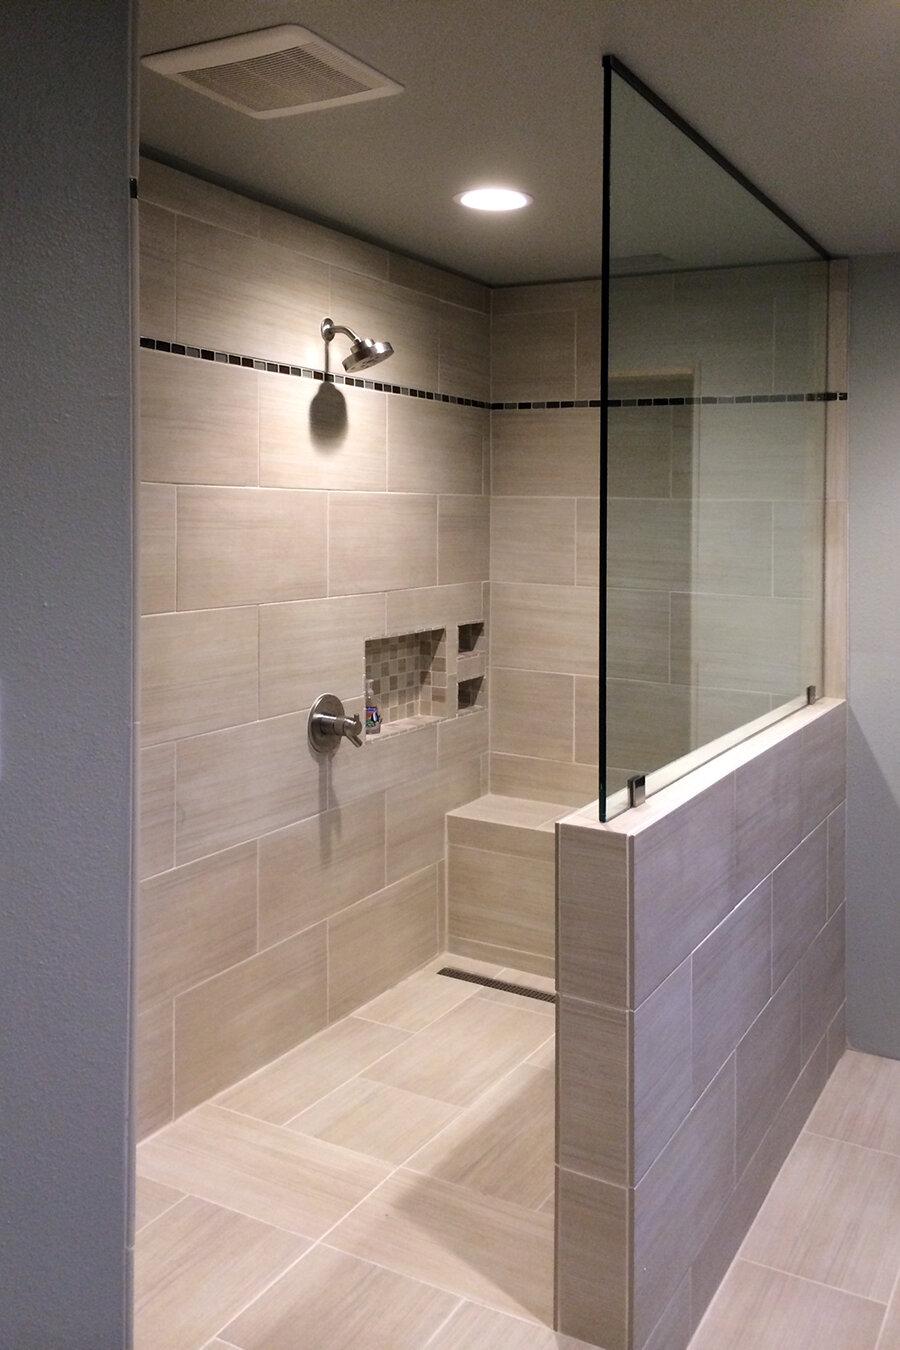 frameless-glass-shower-screens-and-panels-01-splash-dallas.jpg